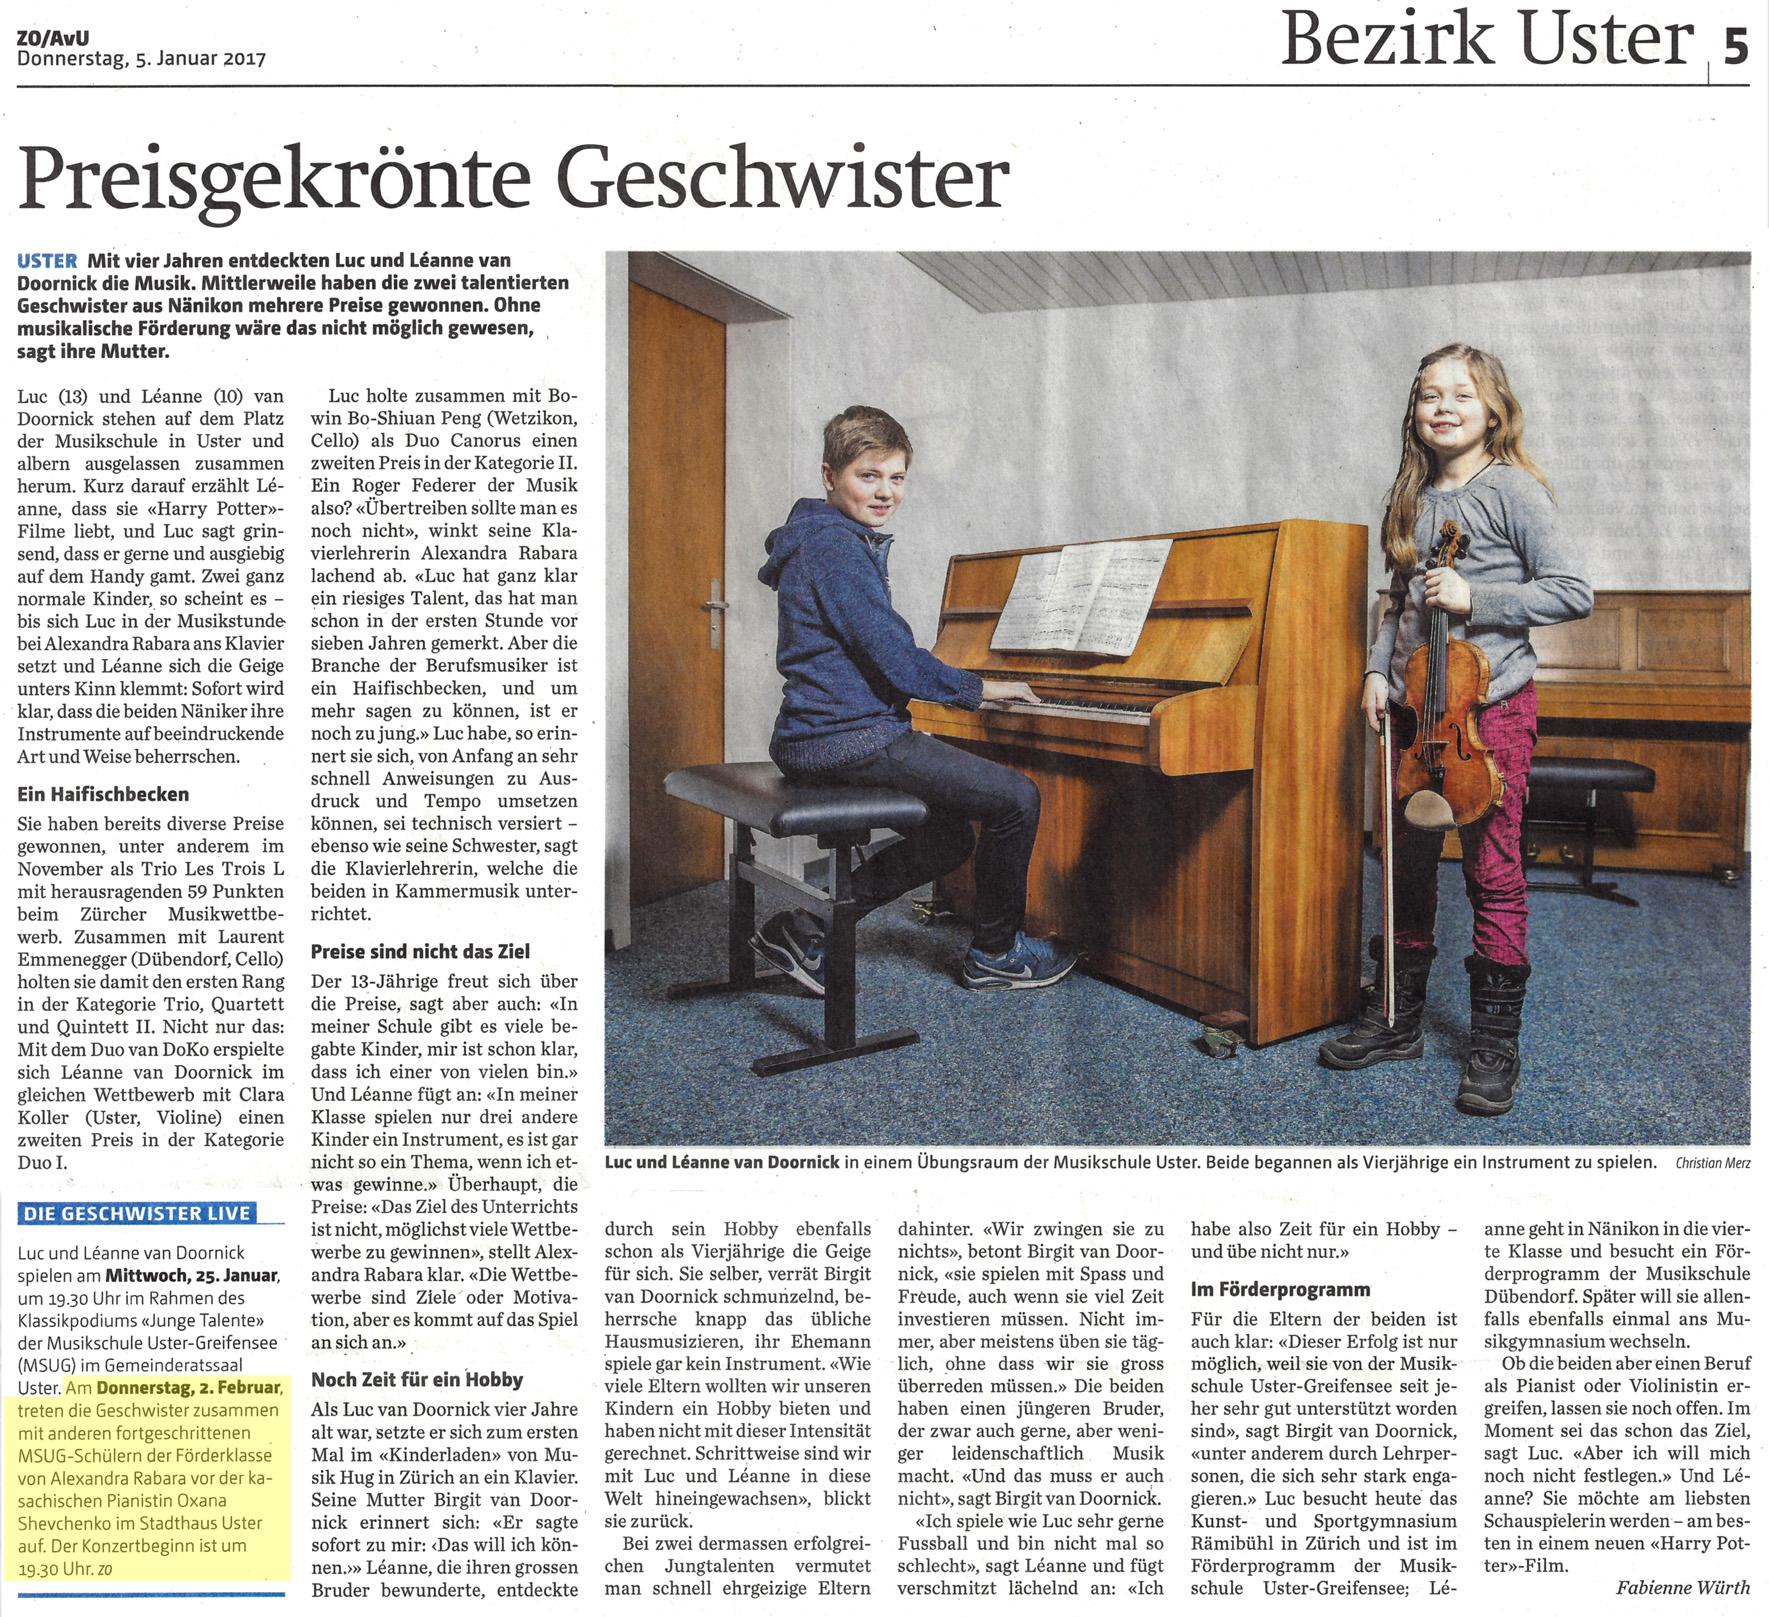 Newspaper Article, Anzeiger von Uster, 2017-01-05